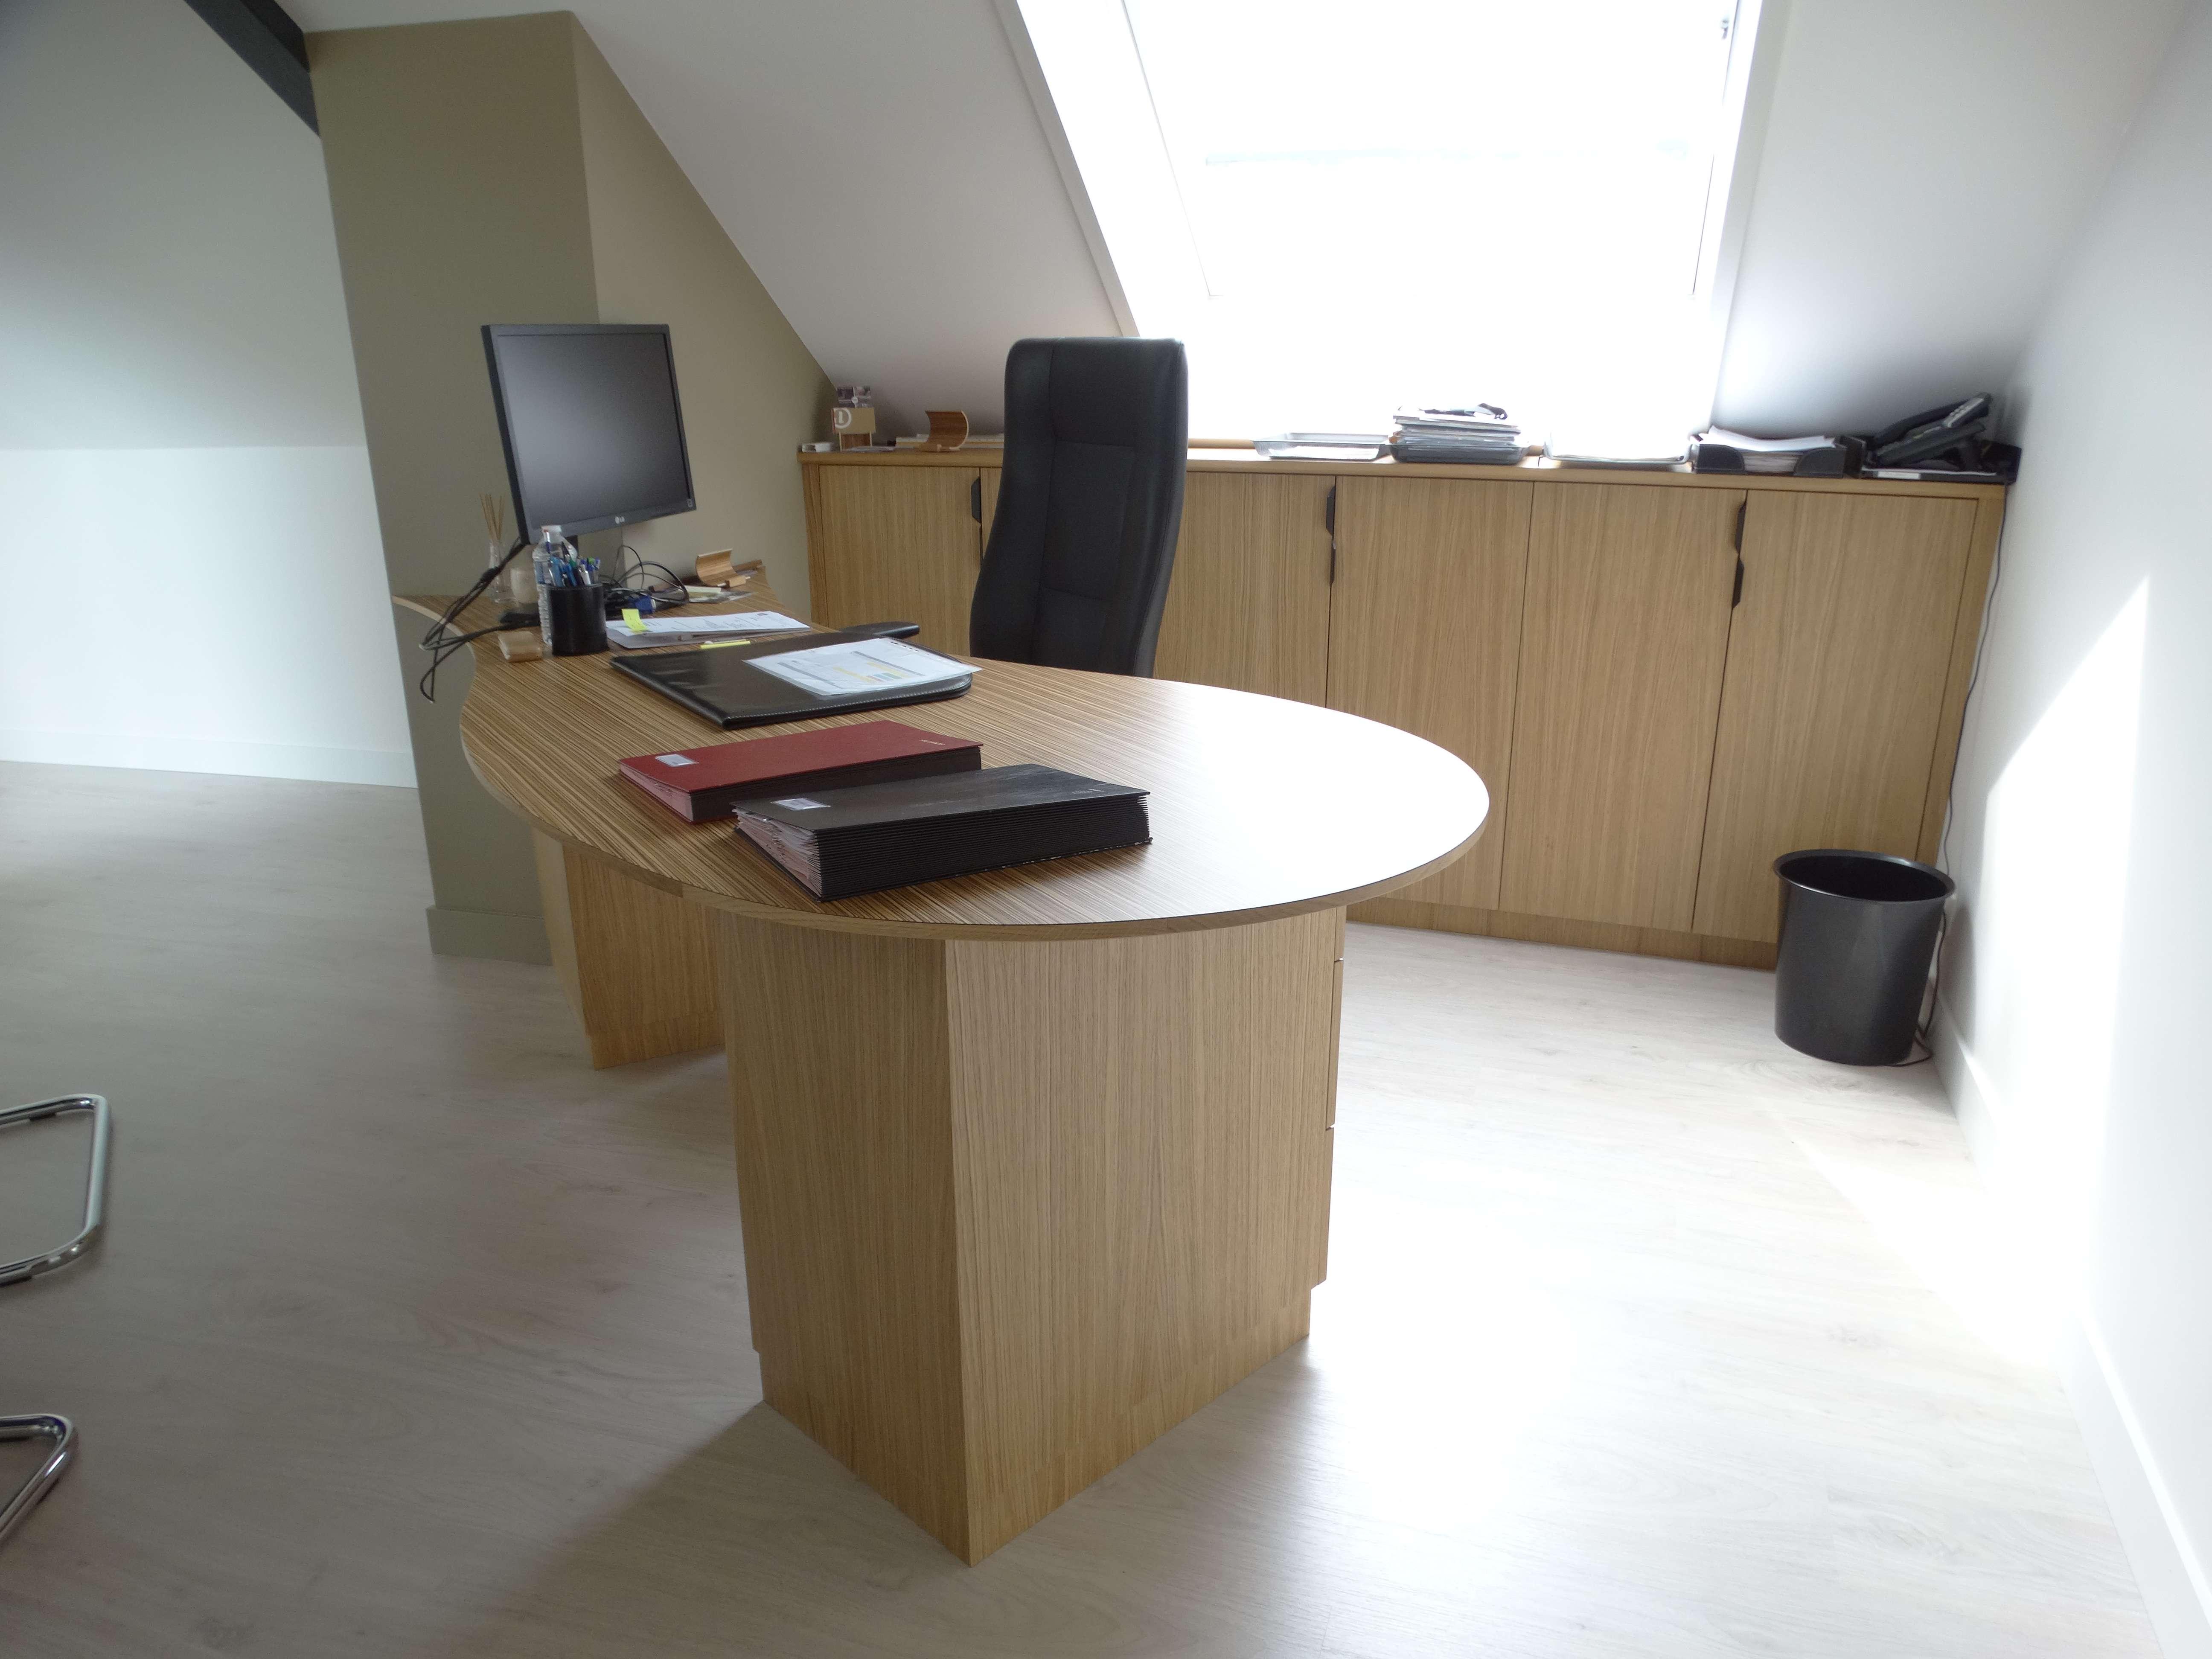 Bureau sur mesure maire - L'Atelier 1053